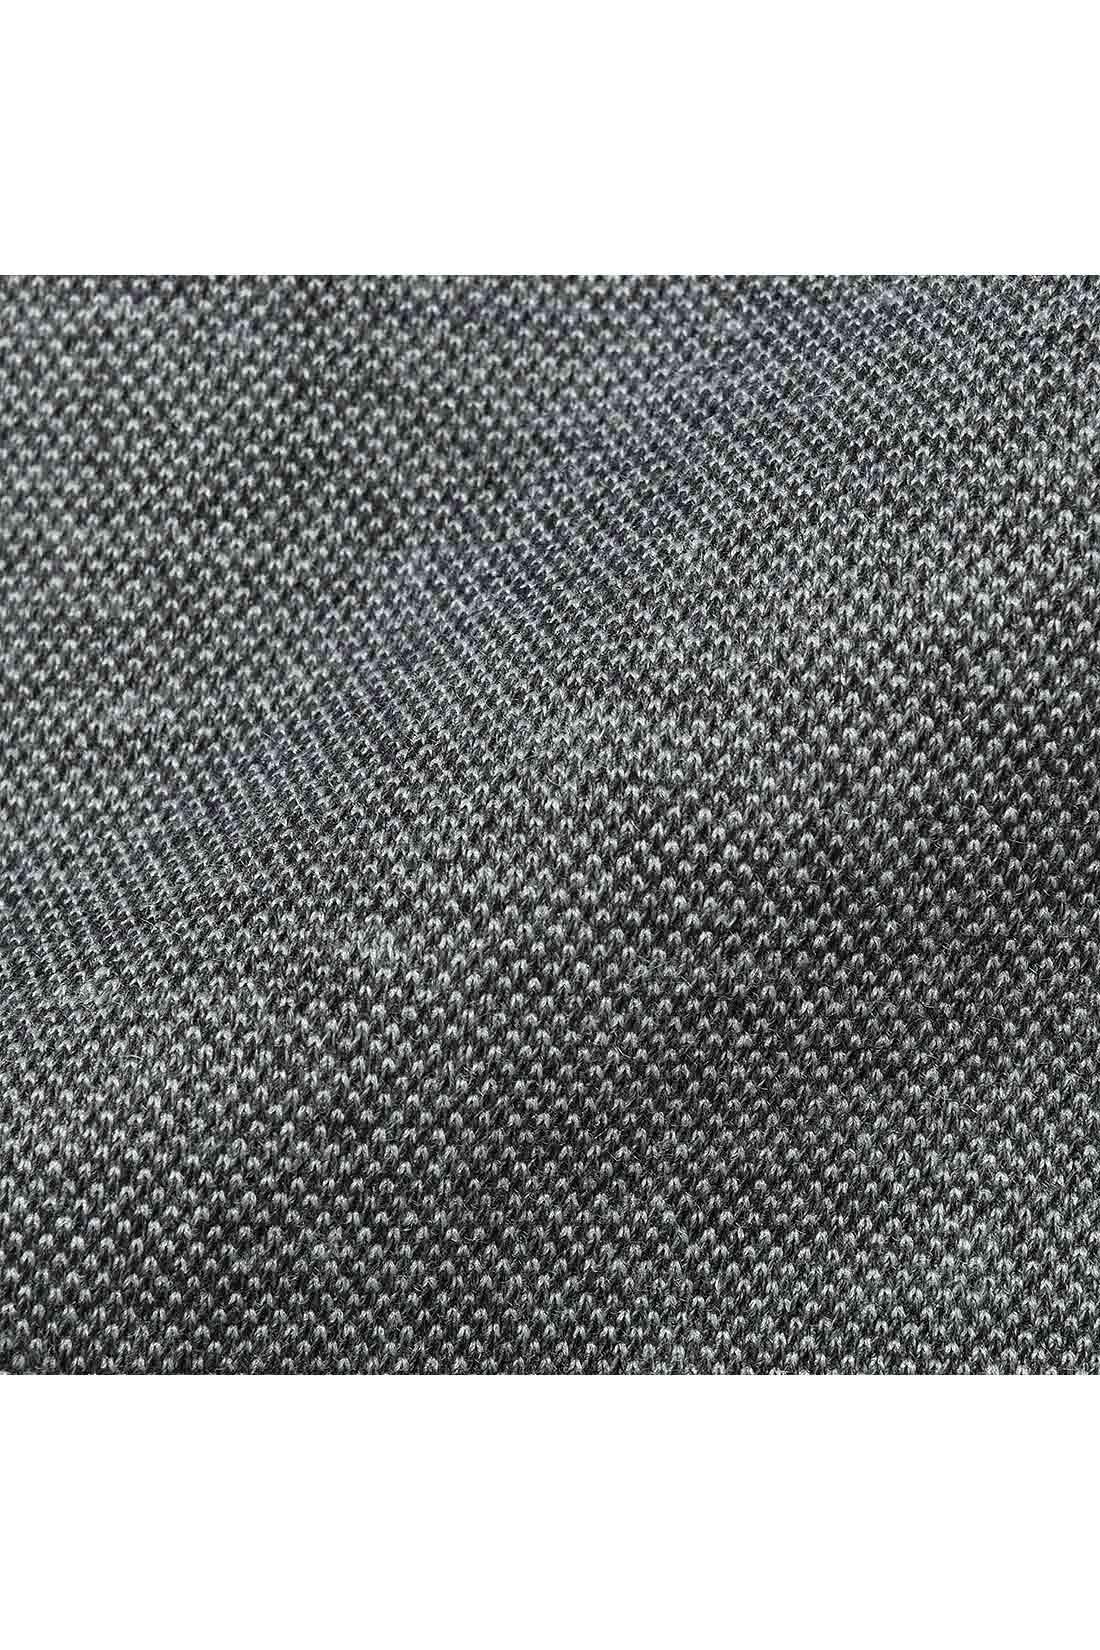 表面に織り感のあるシャツ生地のようなカットソー 伸びやかでふっくらとした質感ながら、オックスフォードシャツのように見える表面感できちんと見えとらくちんさを両立。